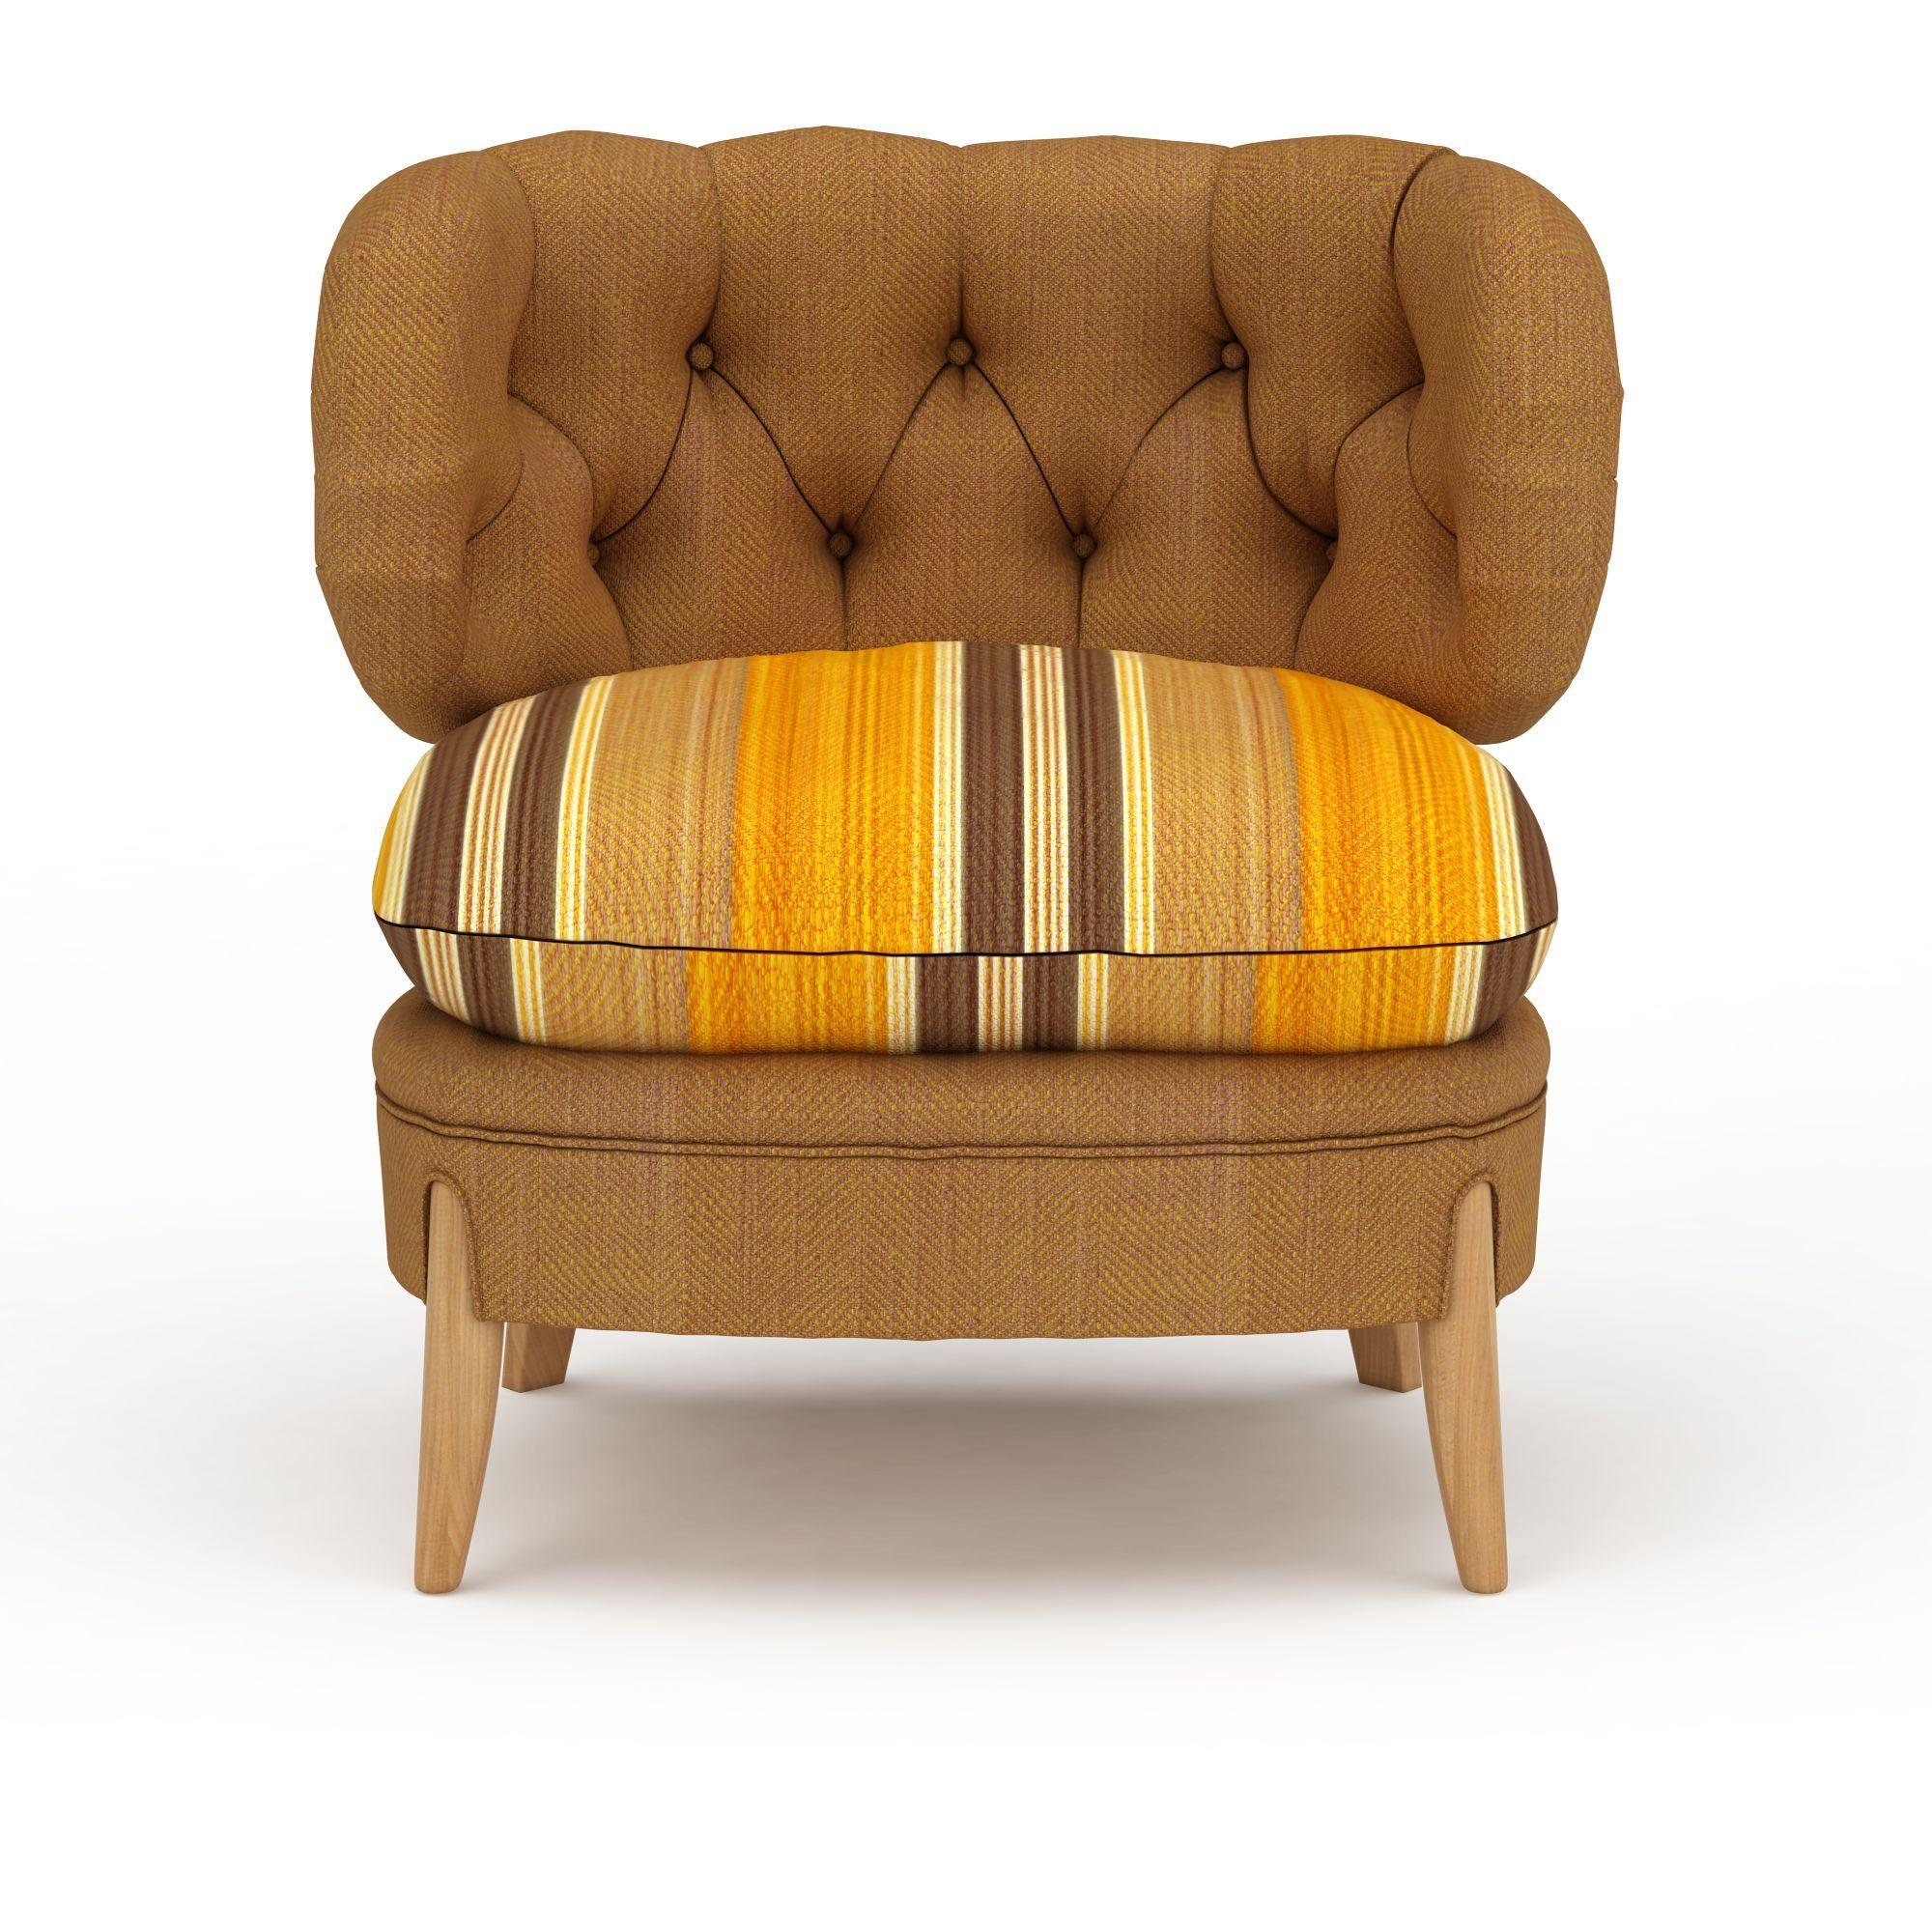 单人沙发椅图片_单人沙发椅png图片素材_单人沙发椅图